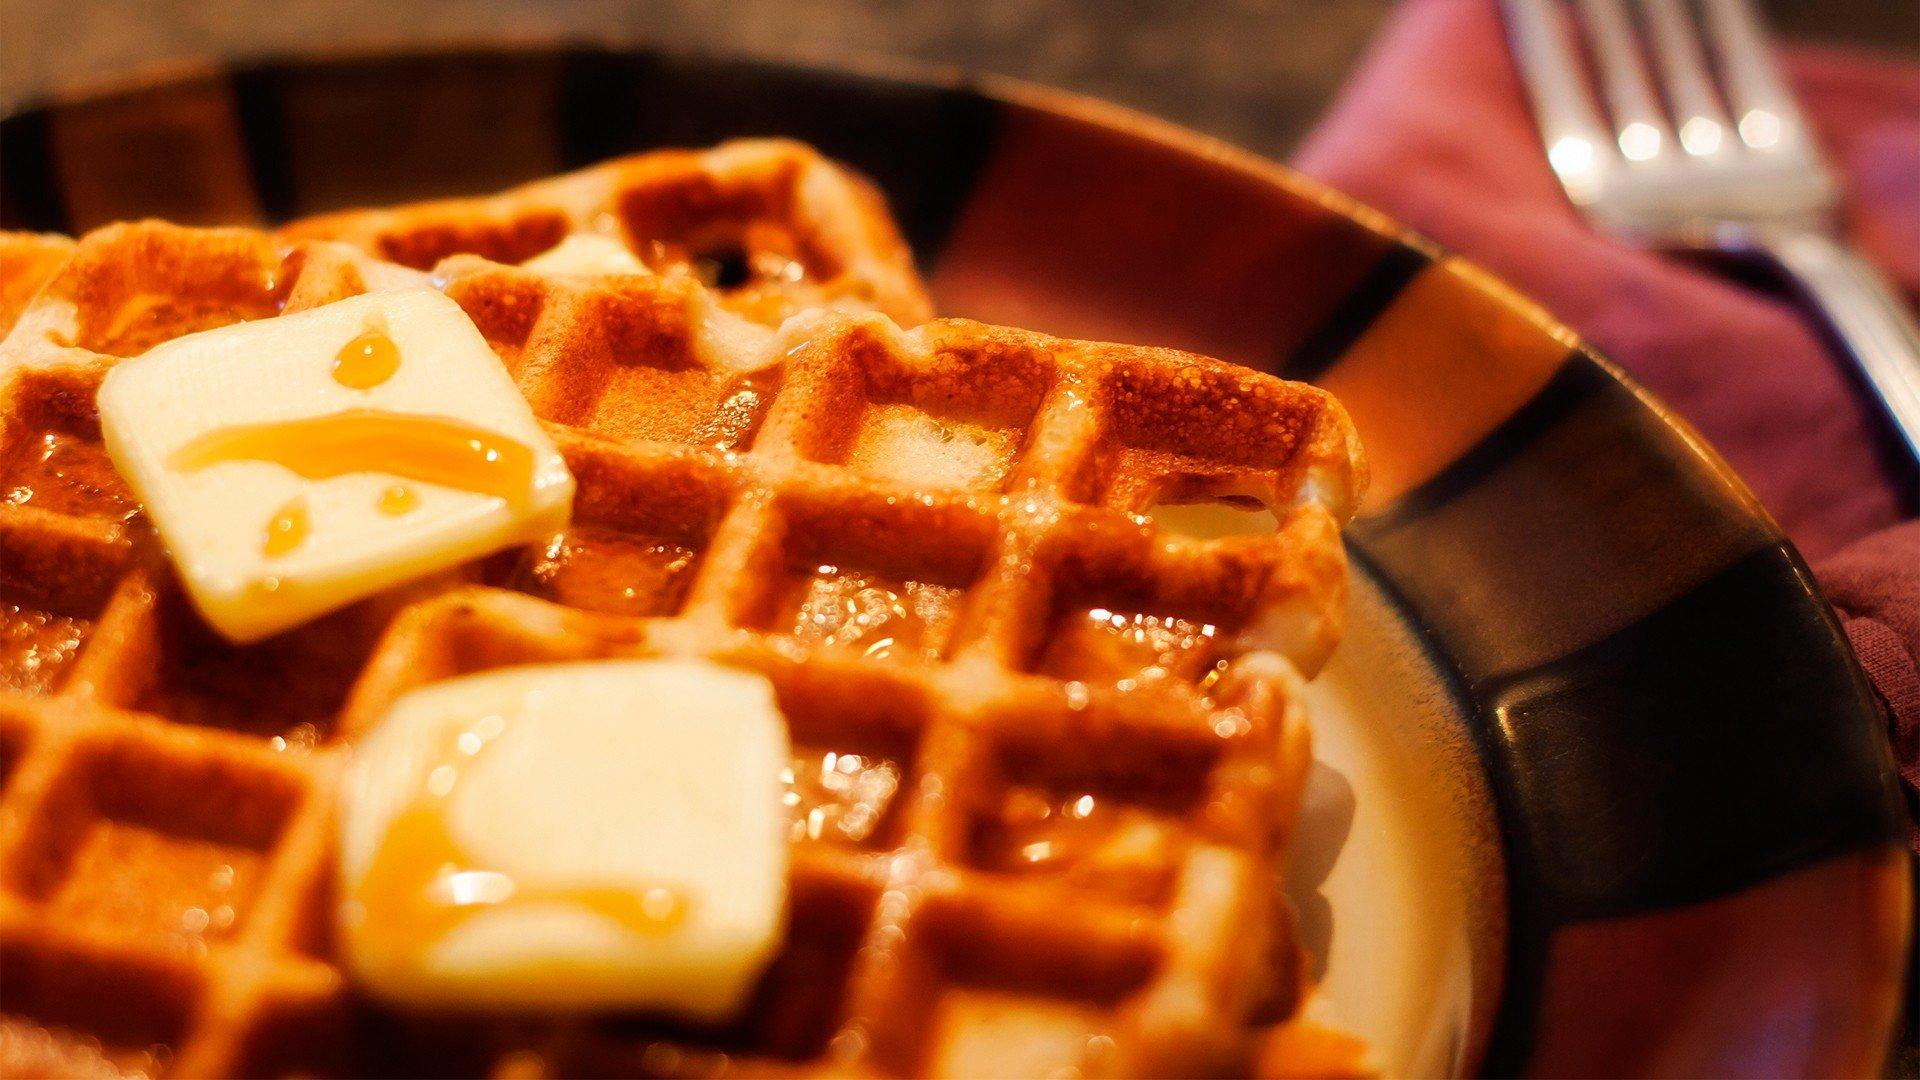 еда вафли кофе food waffles coffee анонимно